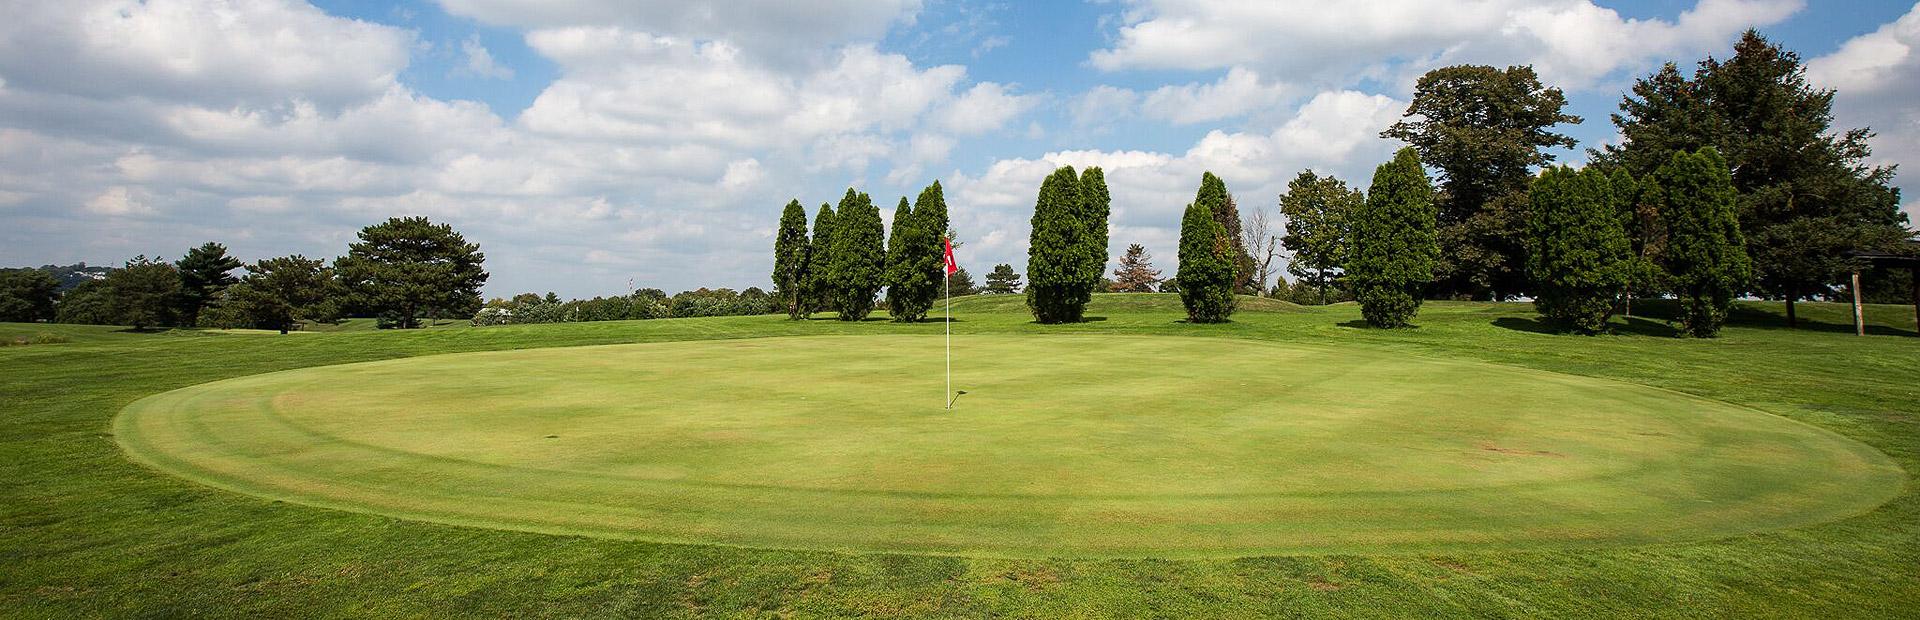 Bob O'Conner Golf Course at Schenley Park